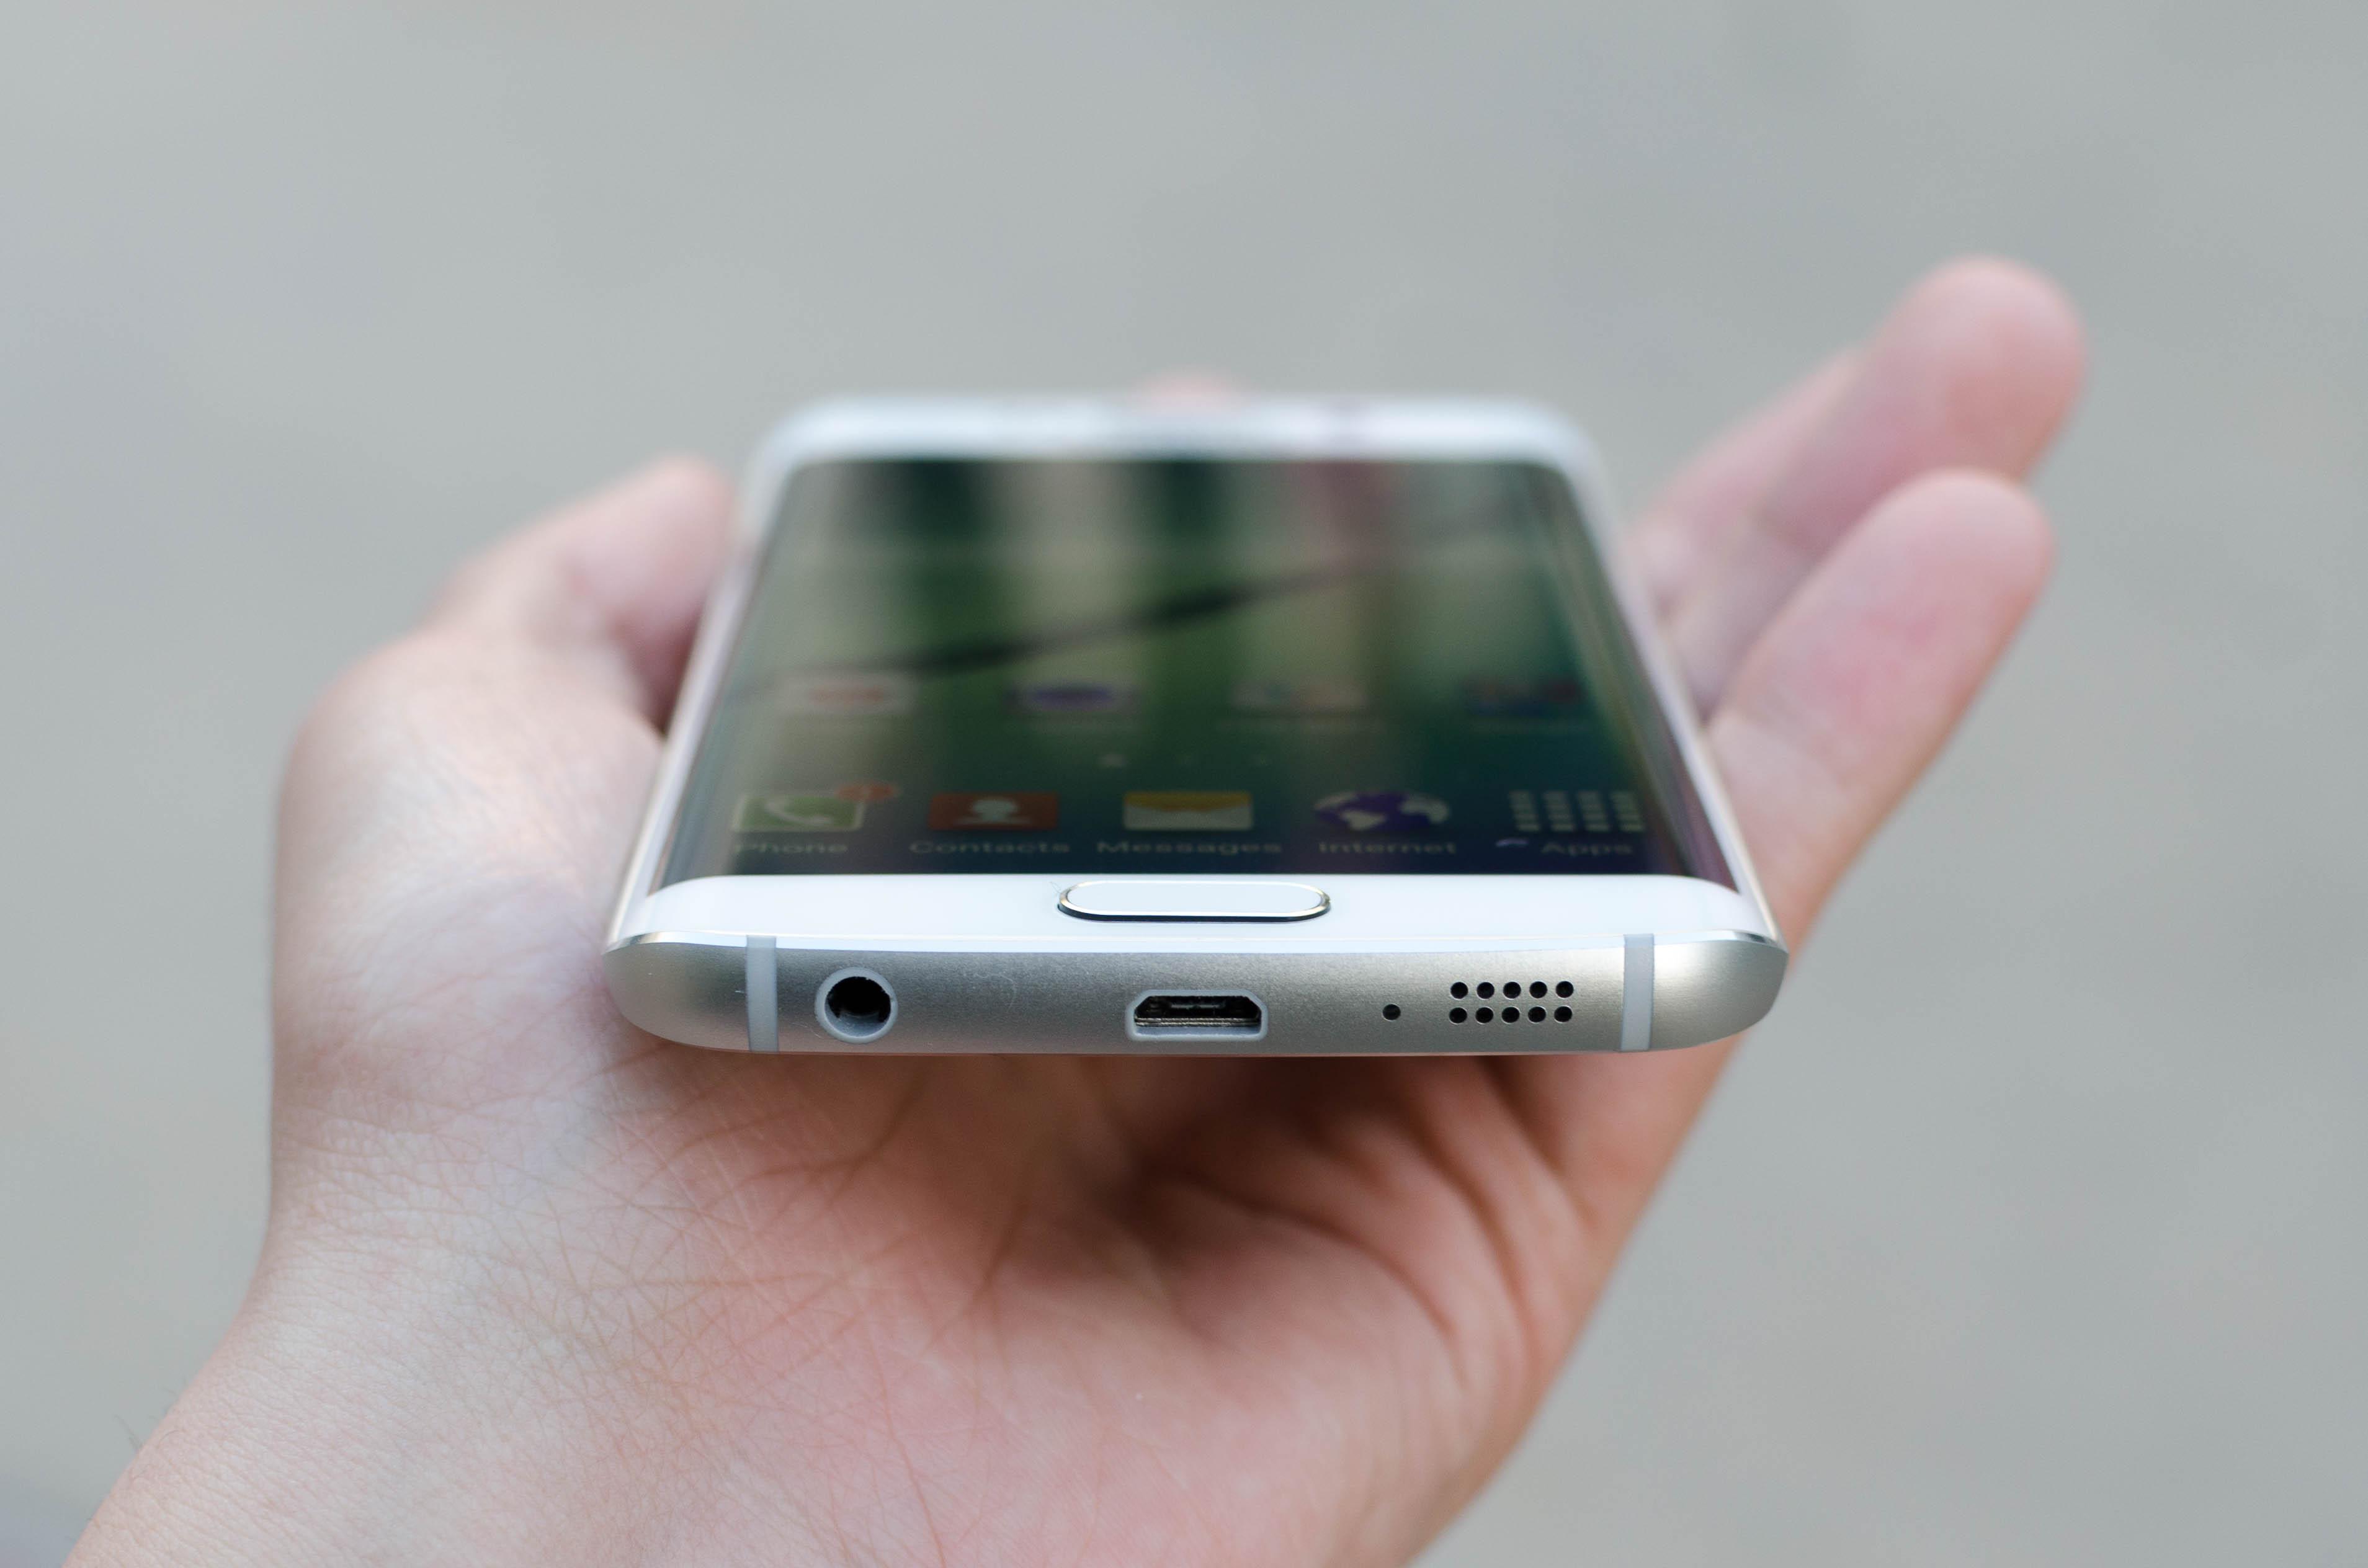 Ở Samsung S6 Edge, lỗi trước là lỗi sạc nhanh.